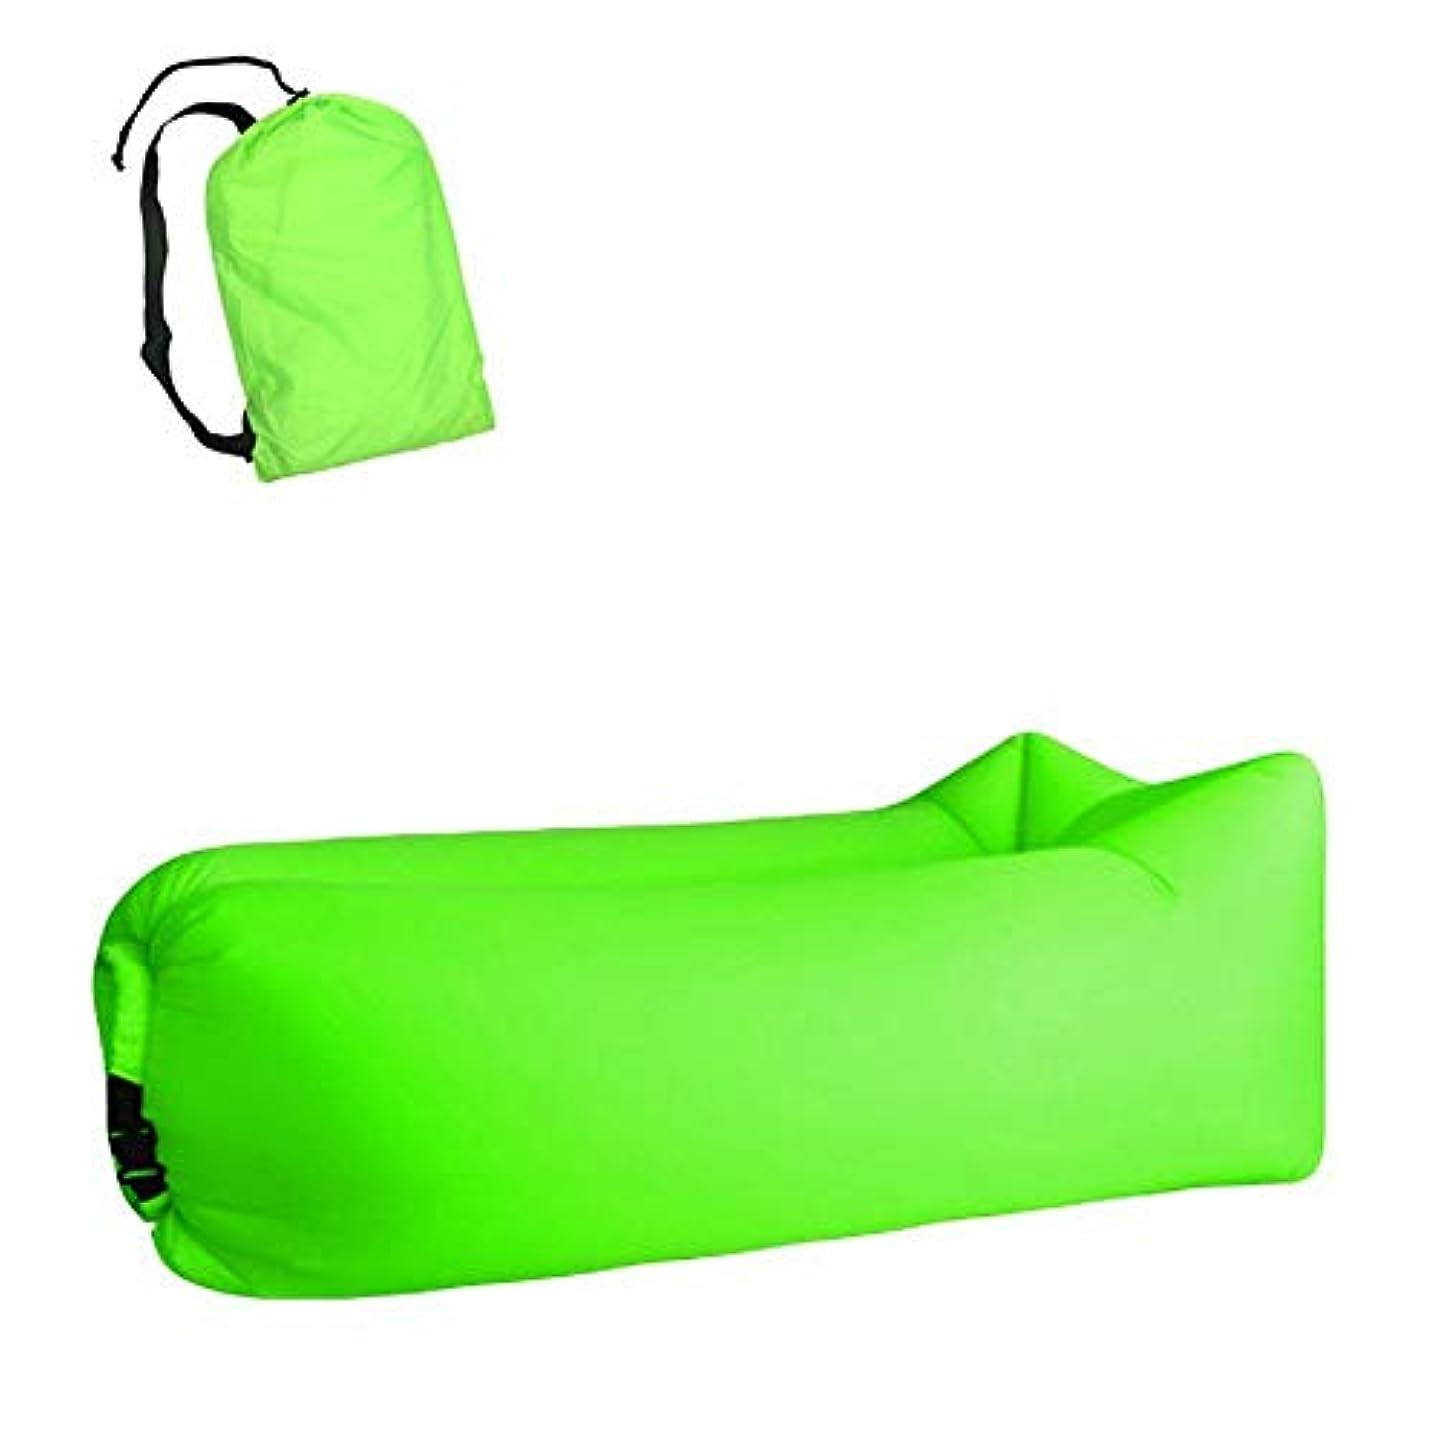 エコー三角形影のあるBeTyd ライト寝袋防水インフレータブルバッグ怠惰なソファキャンプ寝袋エアベッド大人ビーチラウンジチェア高速折りたたみ - グリーン